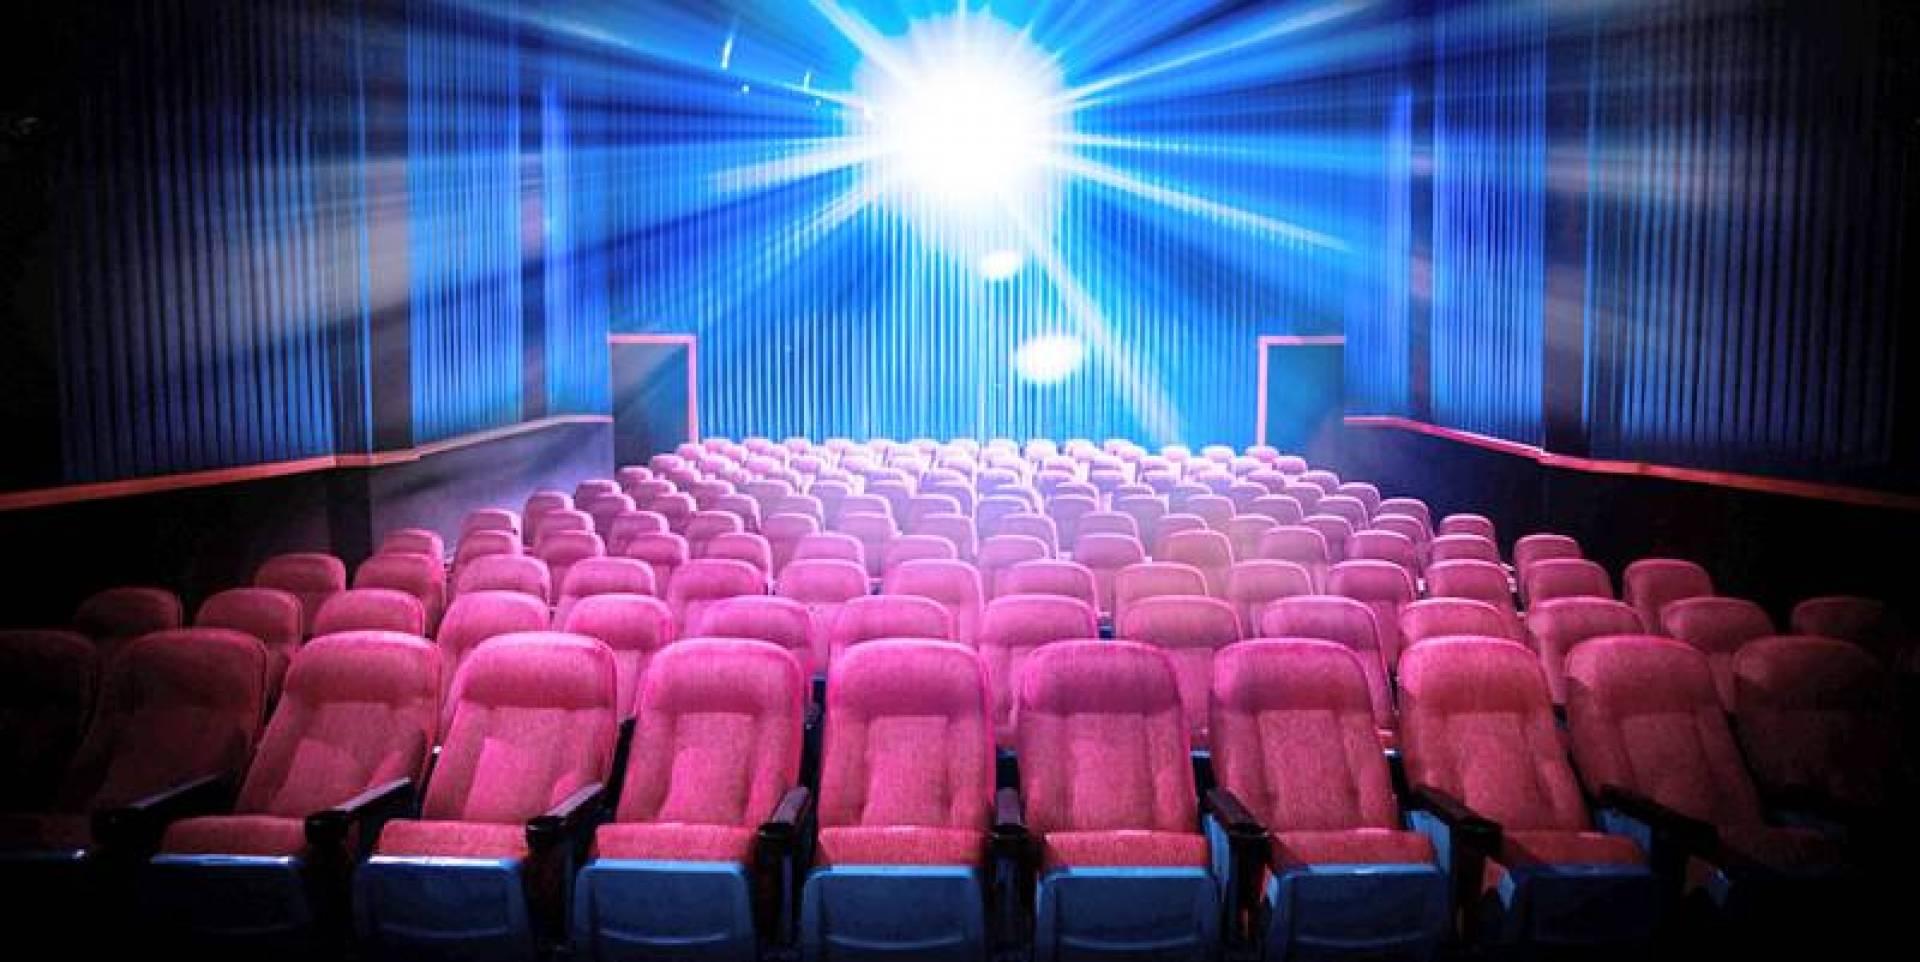 دور سينما أميركية للإيجار.. بـ150 دولاراً